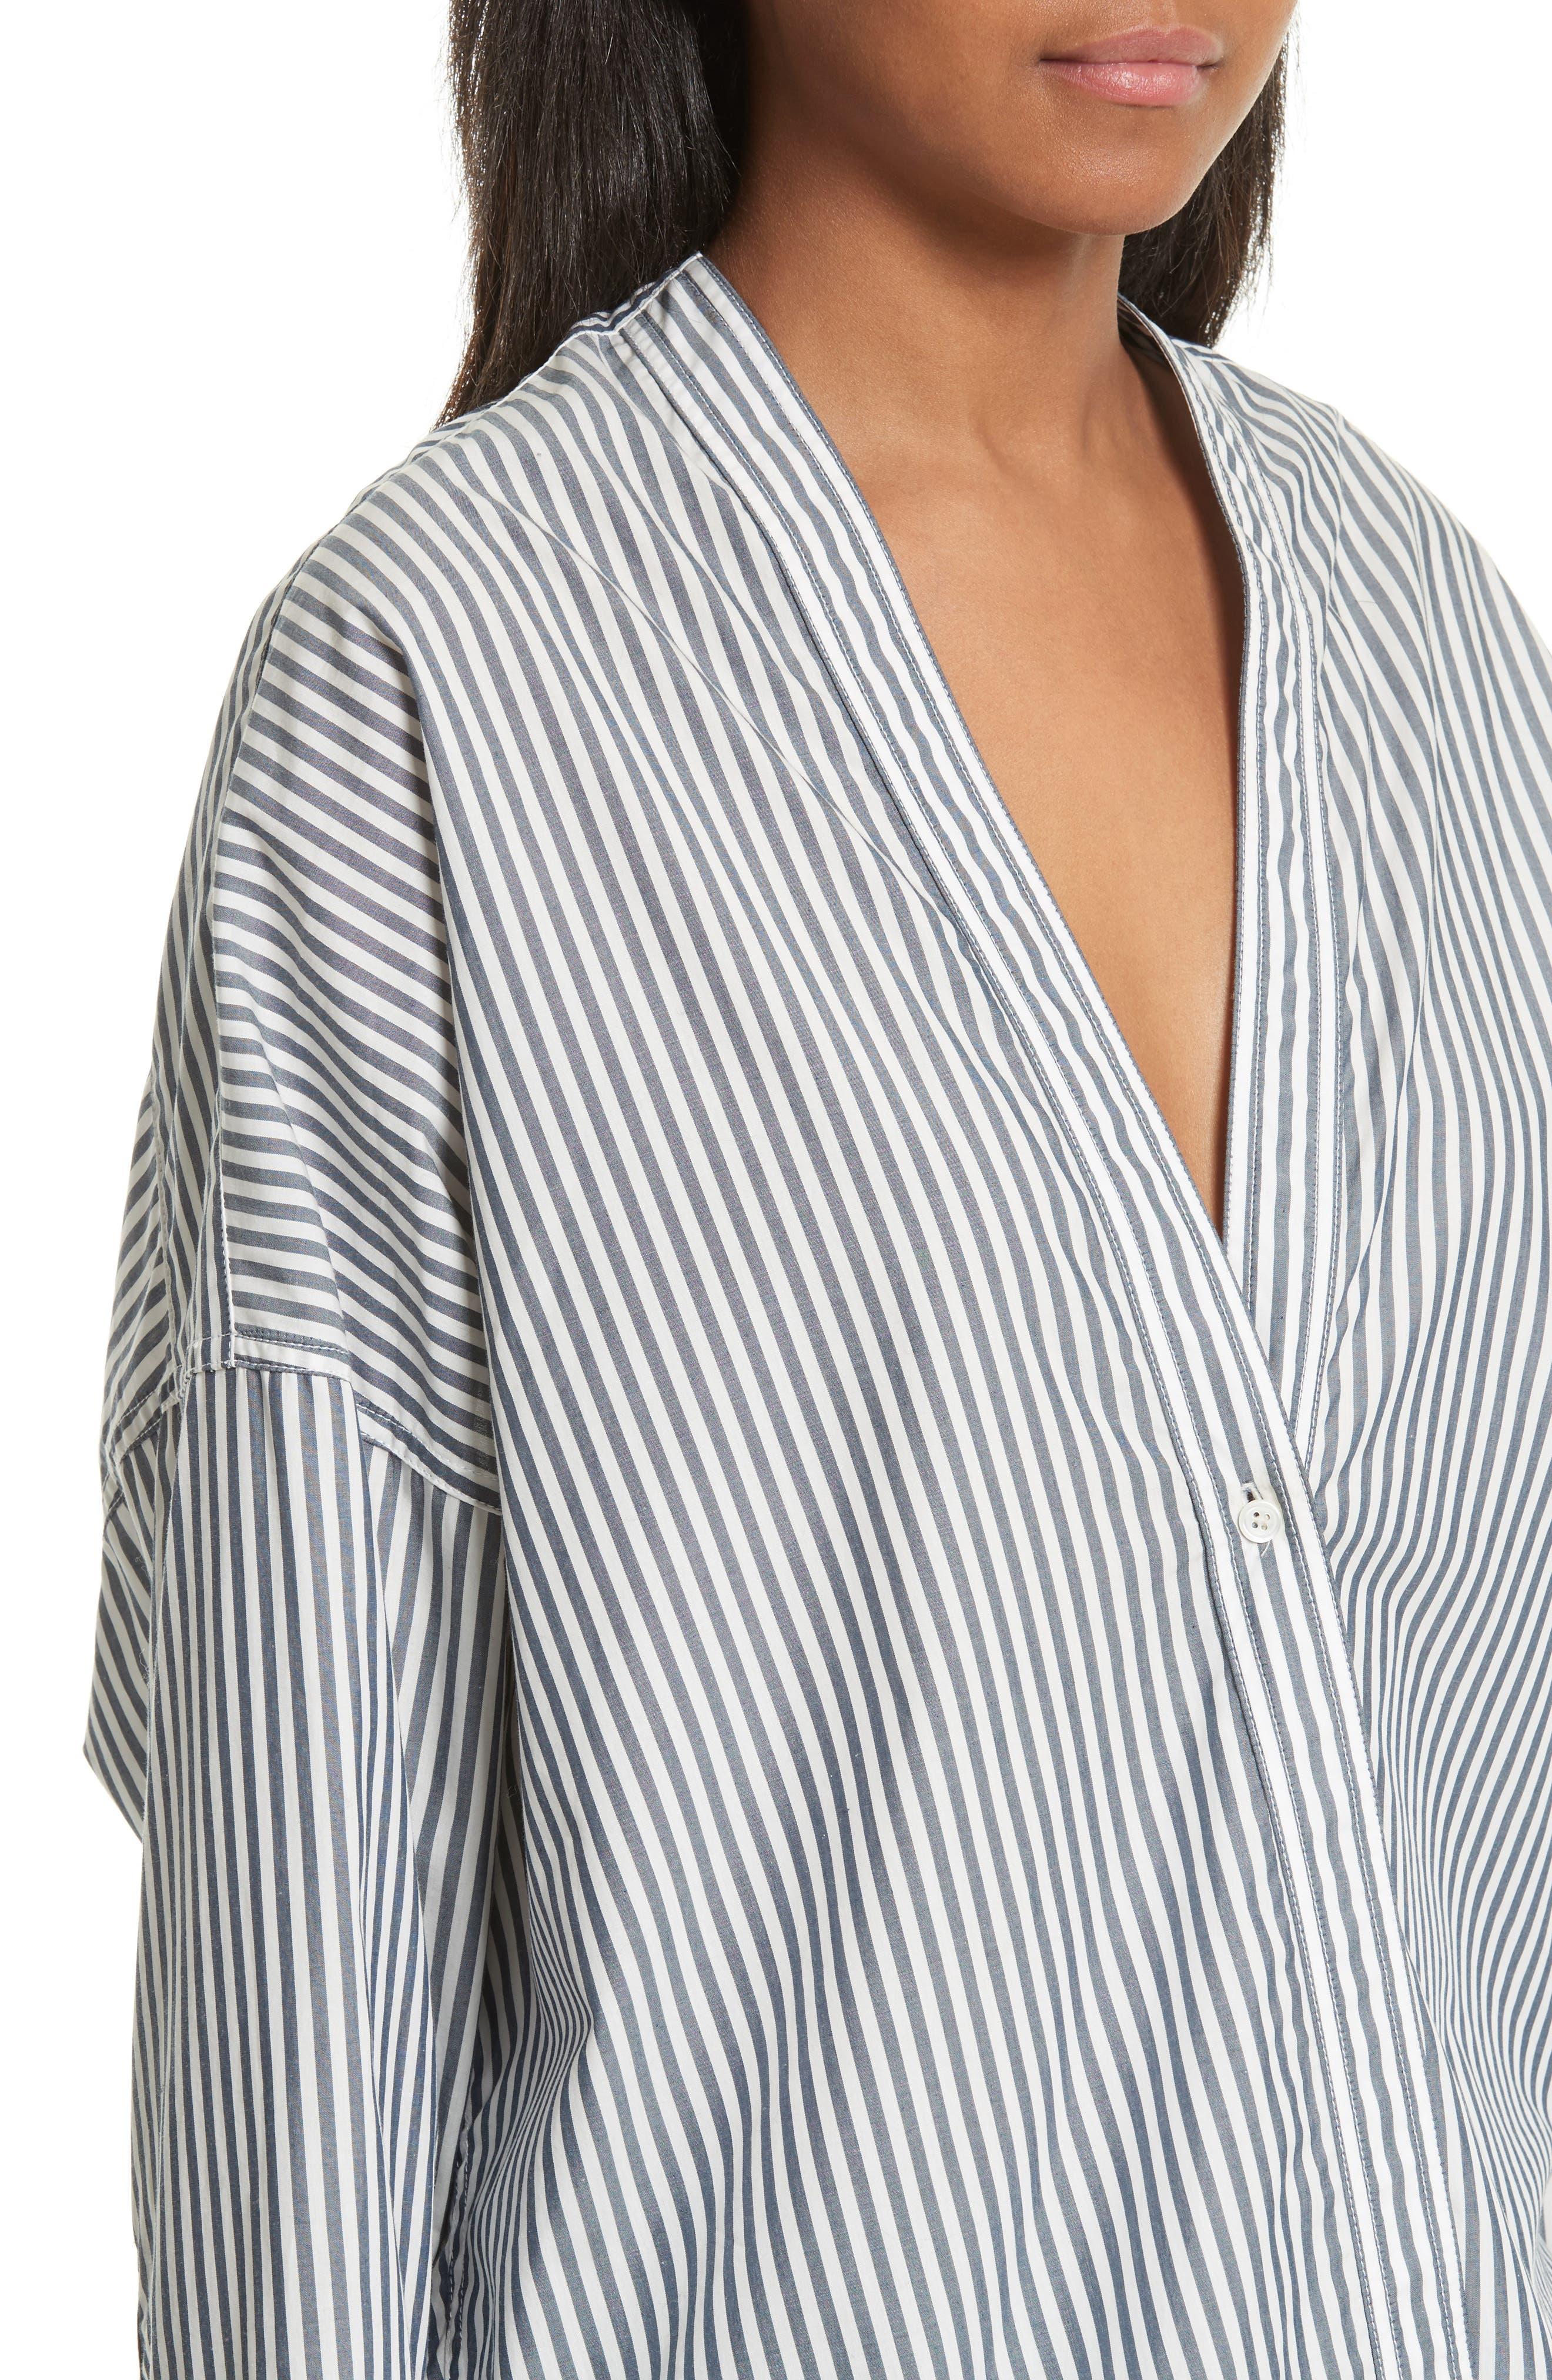 Sabine Stripe Cotton Top,                             Alternate thumbnail 4, color,                             412